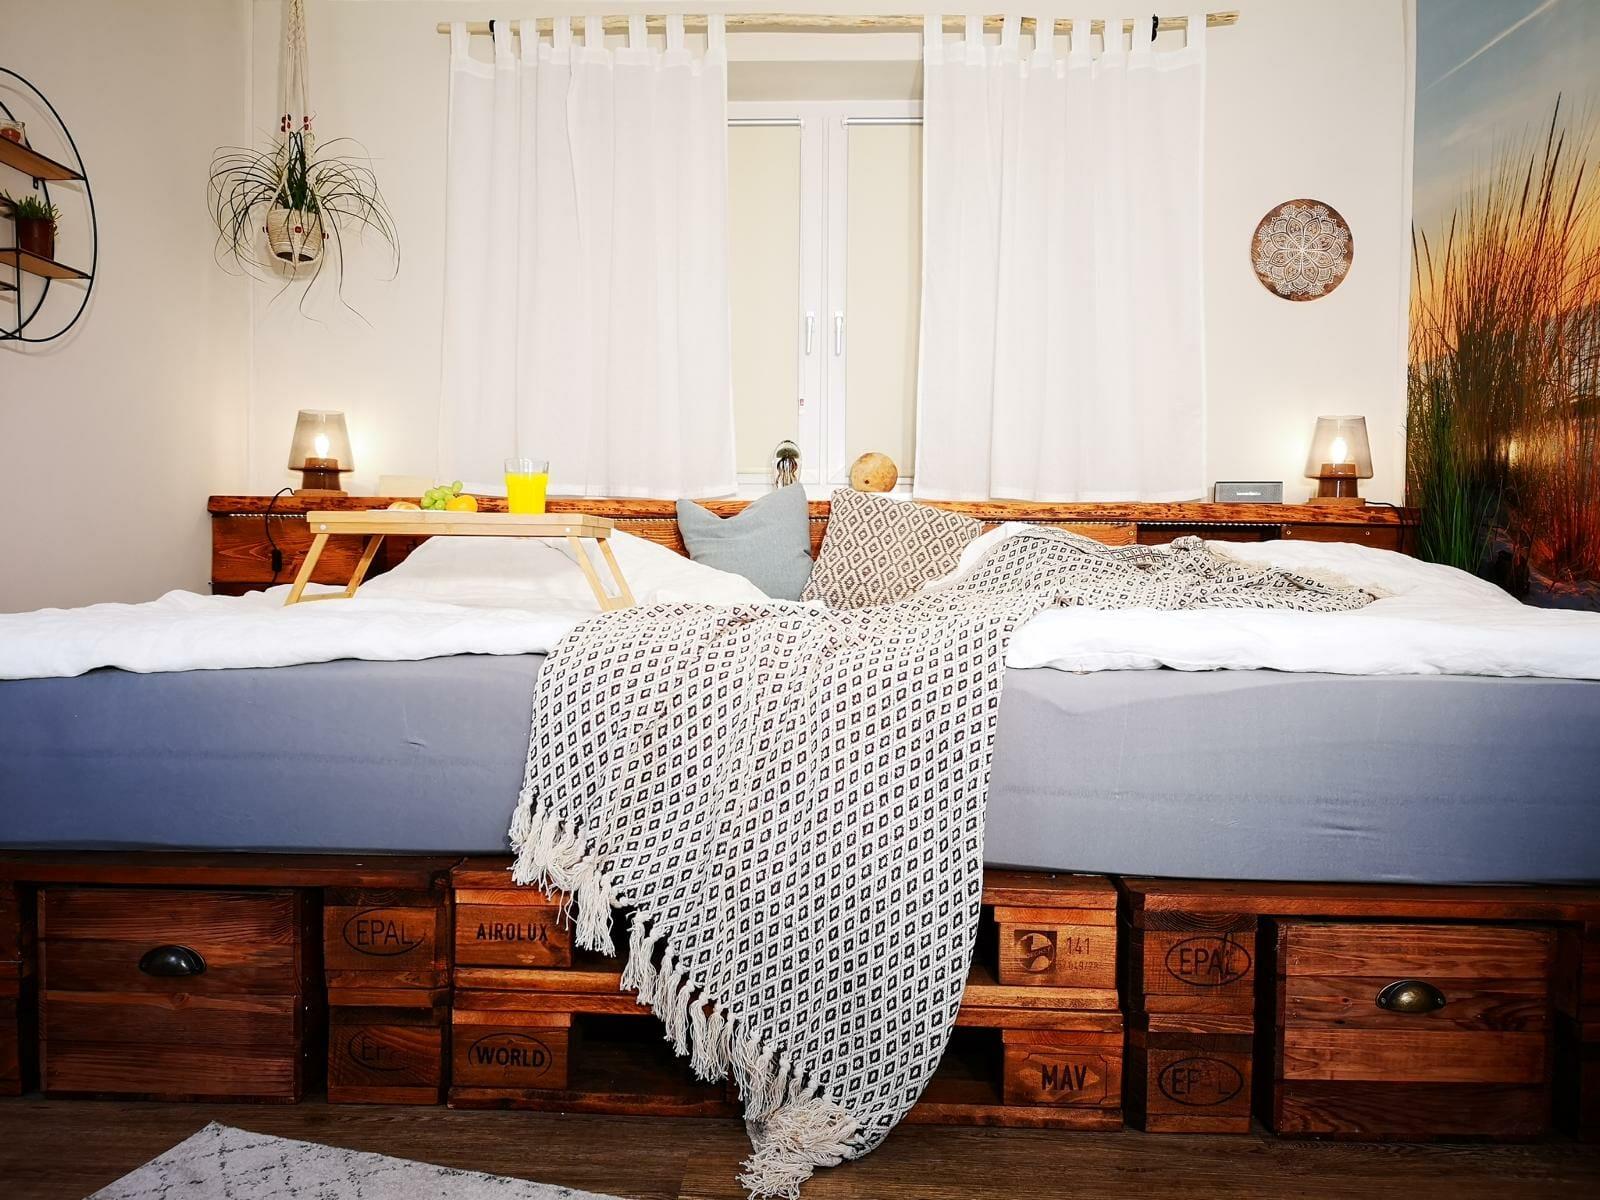 Full Size of Günstig Betten Kaufen Palettenbett Selber Bauen Europaletten Amazon 180x200 Möbel Boss Bett Gebrauchte Küche 140x200 Paradies Mit Elektrogeräten Esstisch Bett Günstig Betten Kaufen